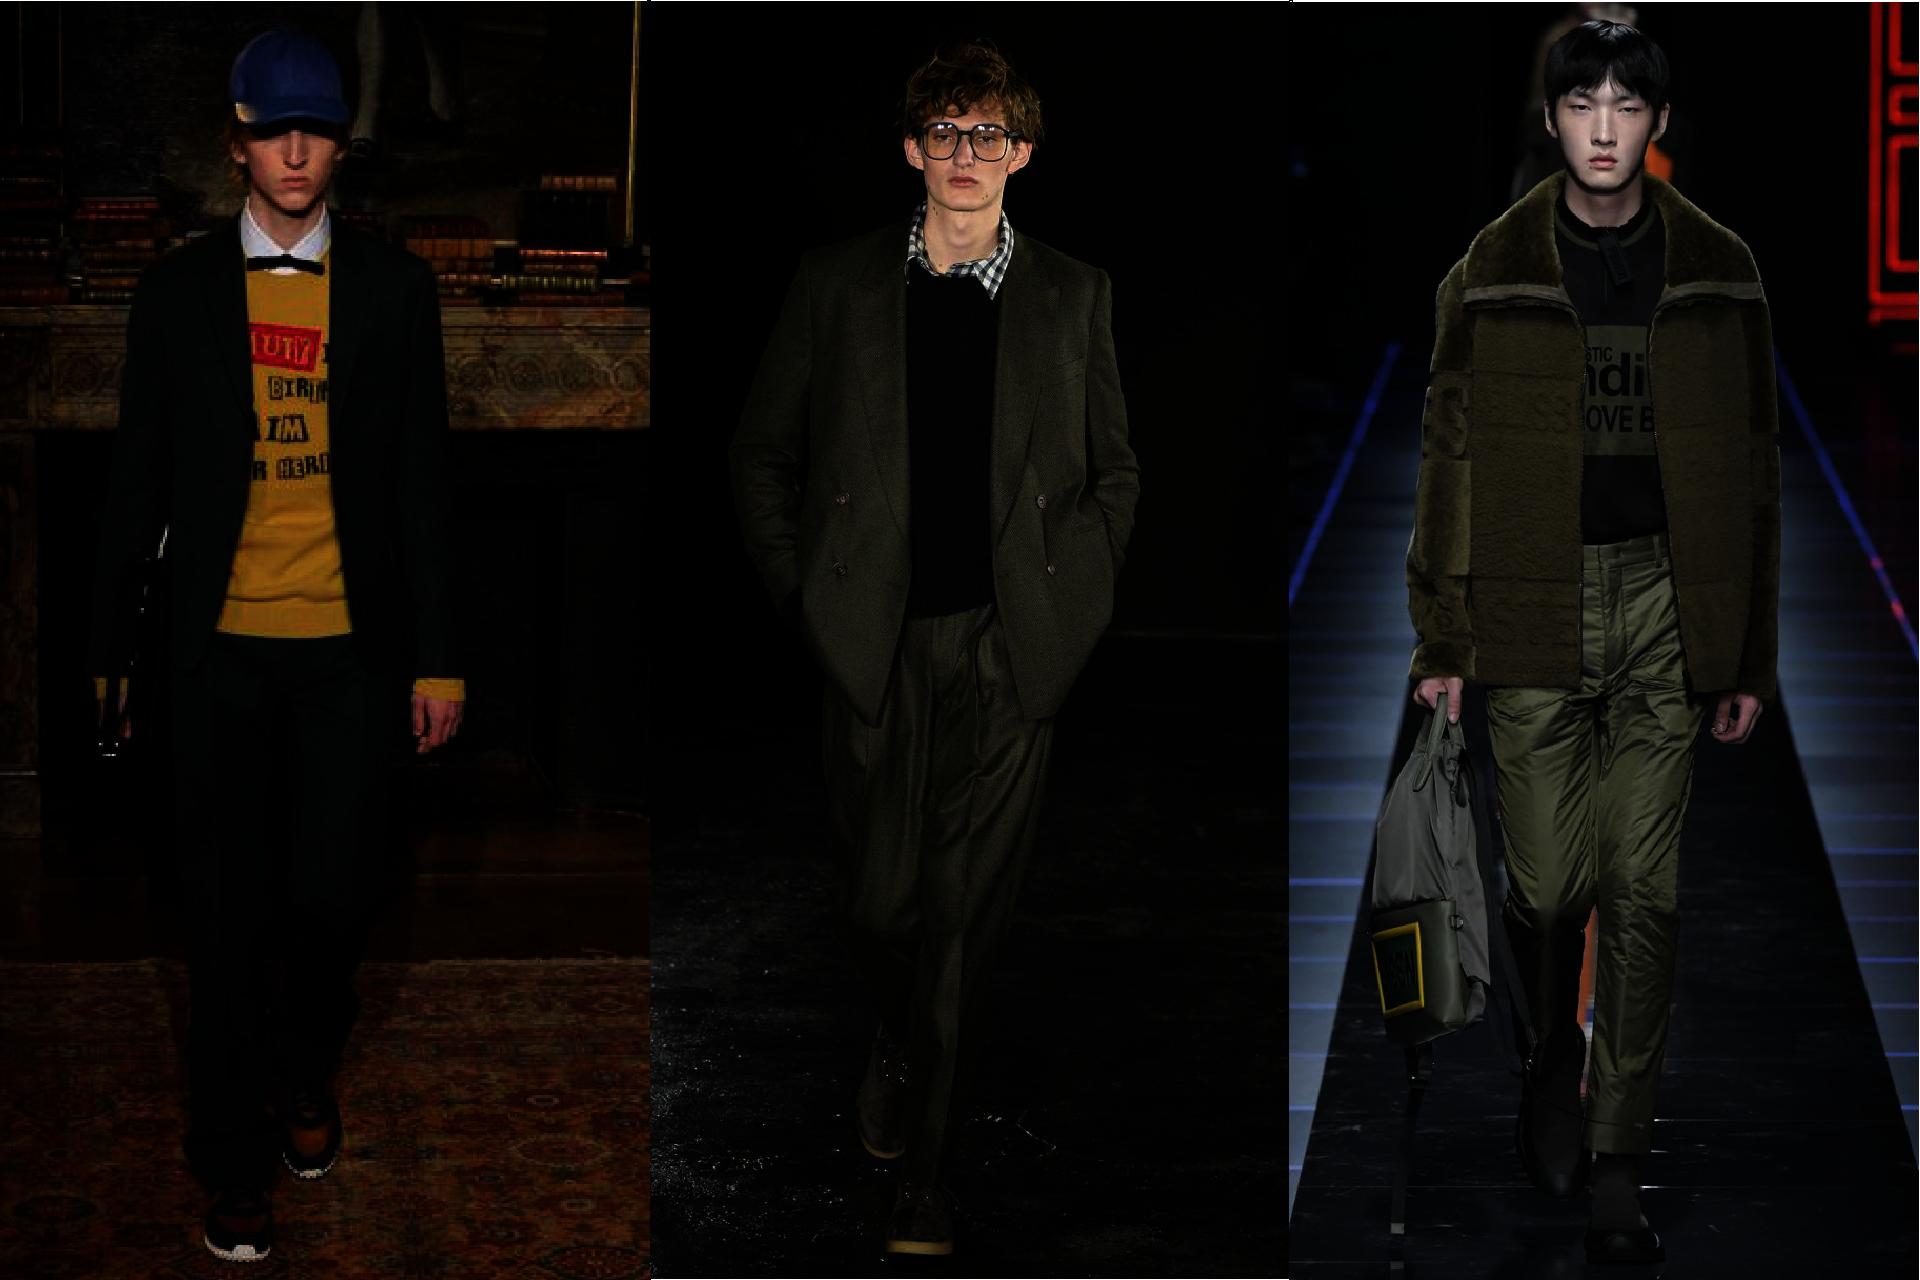 Trendy w modzie męskiej jesień-zima 2017, Kolor mchu, Mech w modzie męskiej, Pokazy mody męskiej jesień-zima 2017